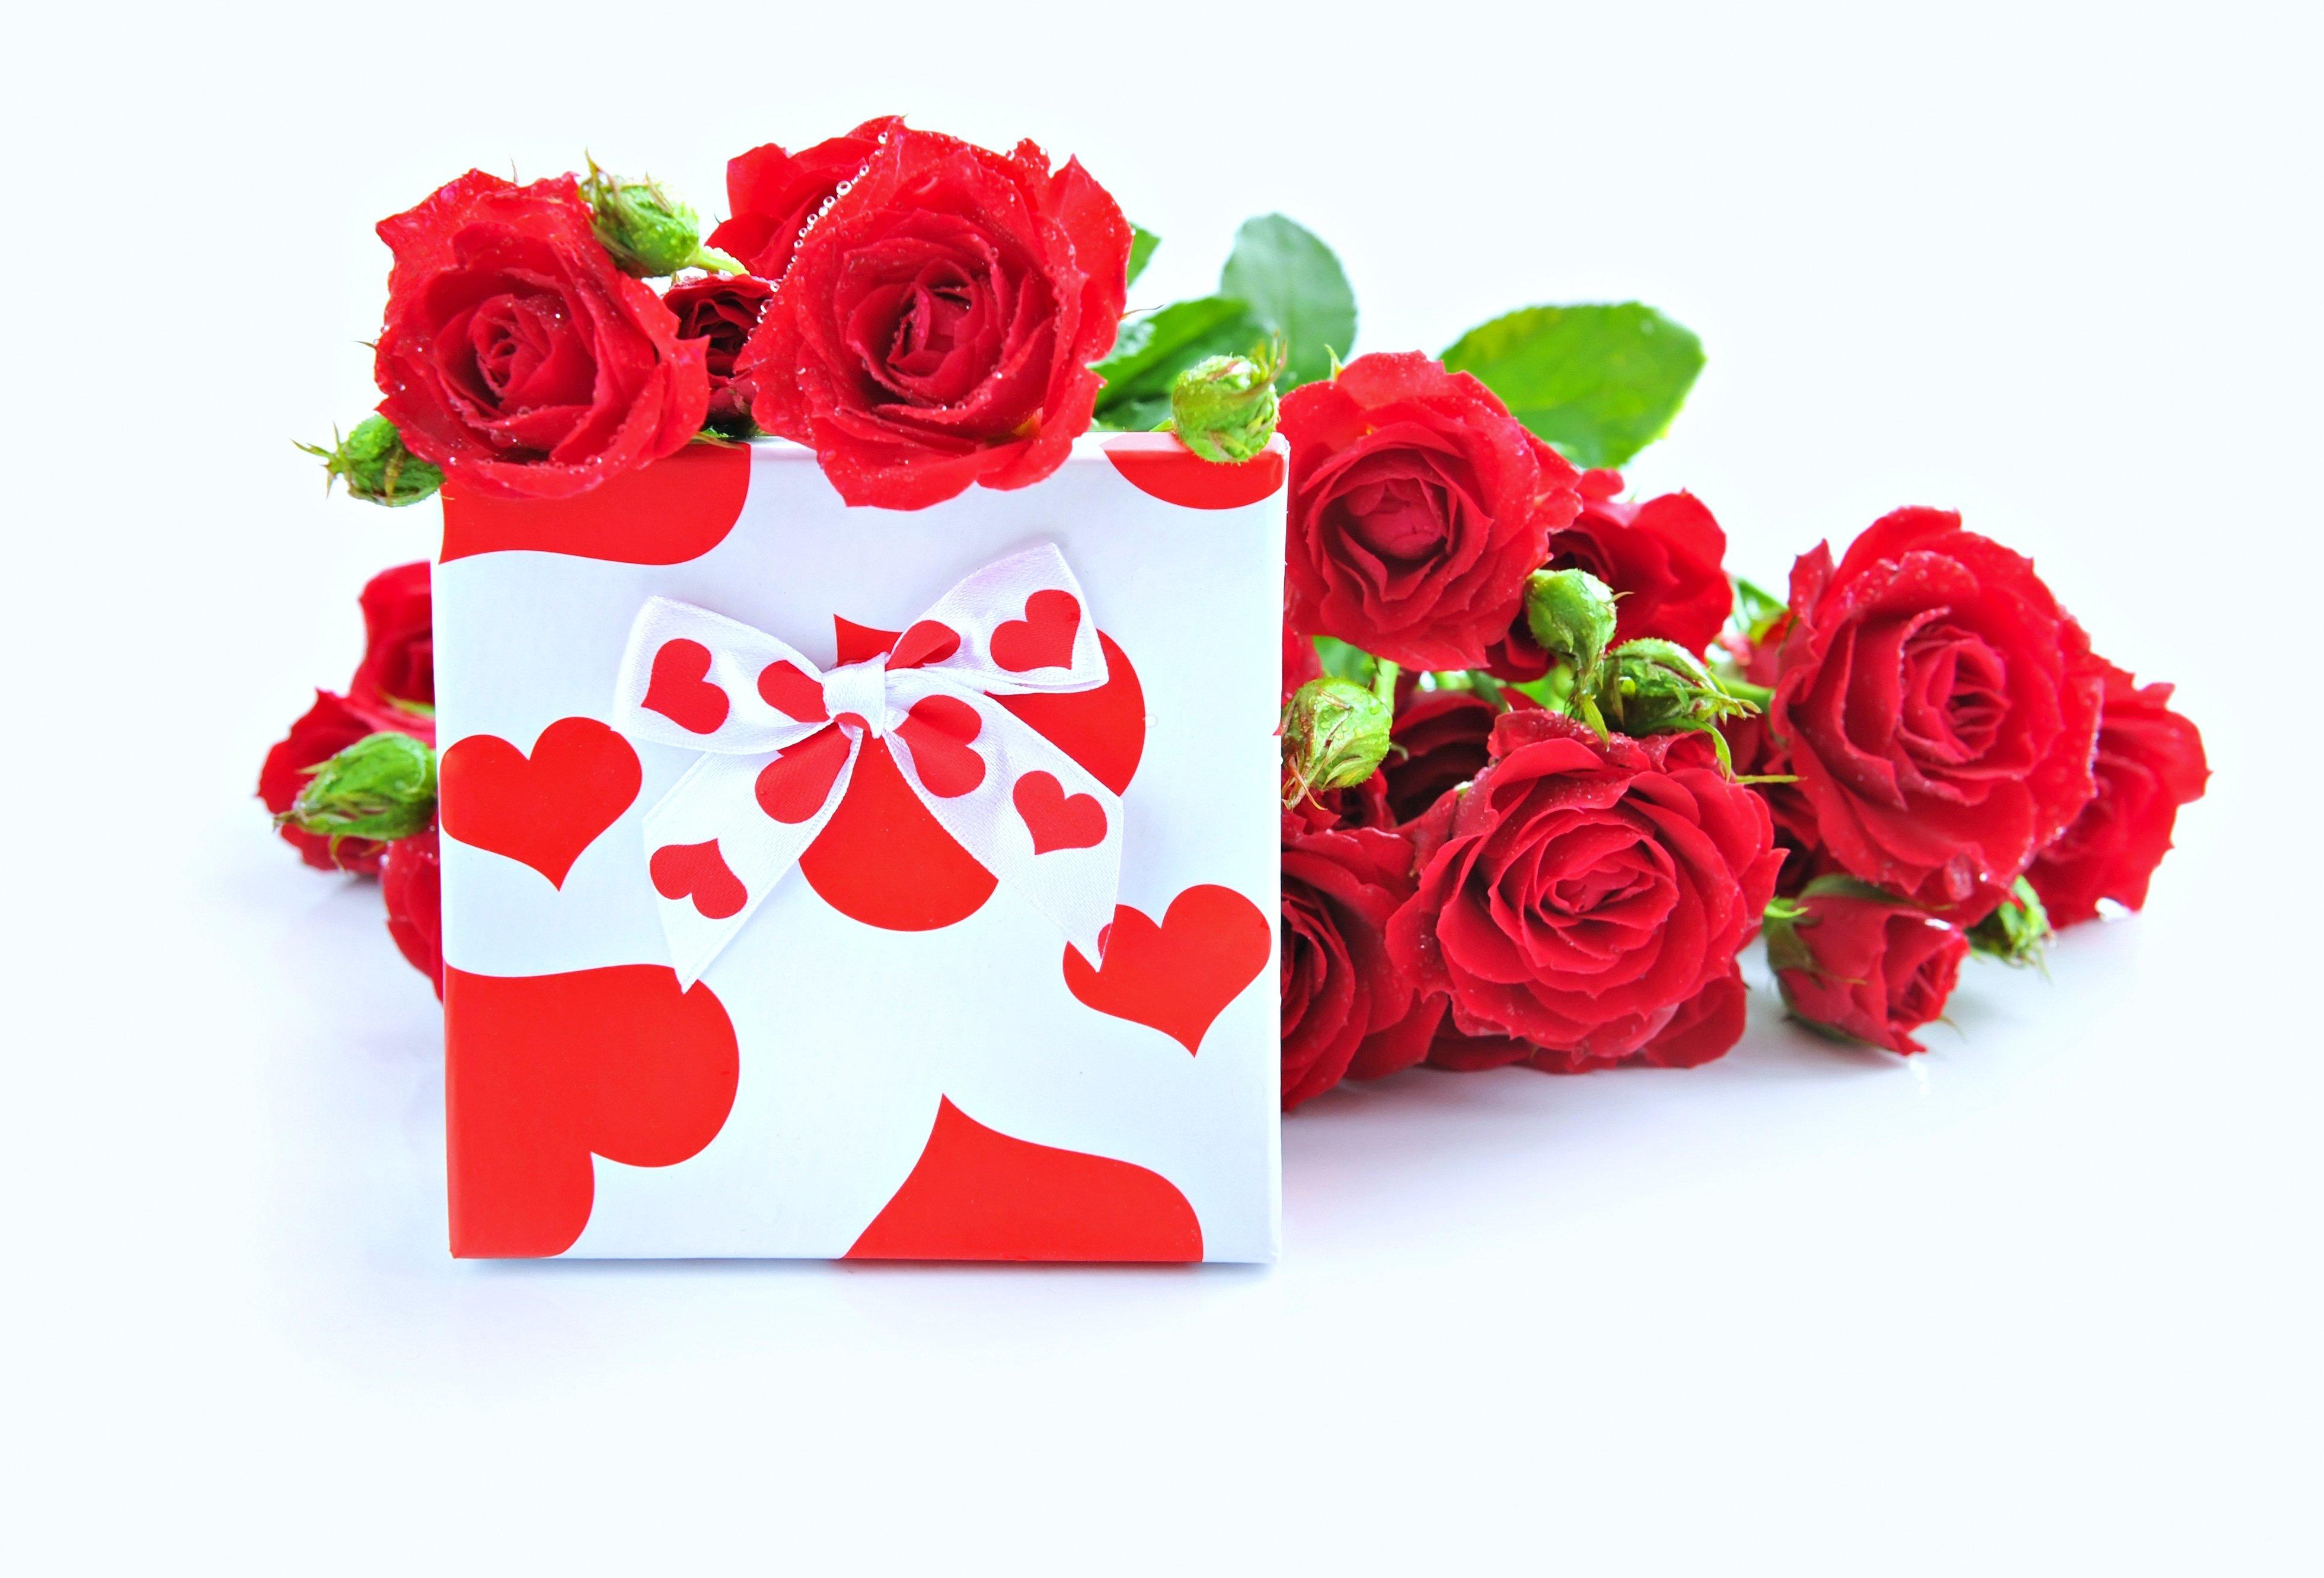 Картинки красивые розы с надписями (35 фото) Прикольные картинки и юмор 42